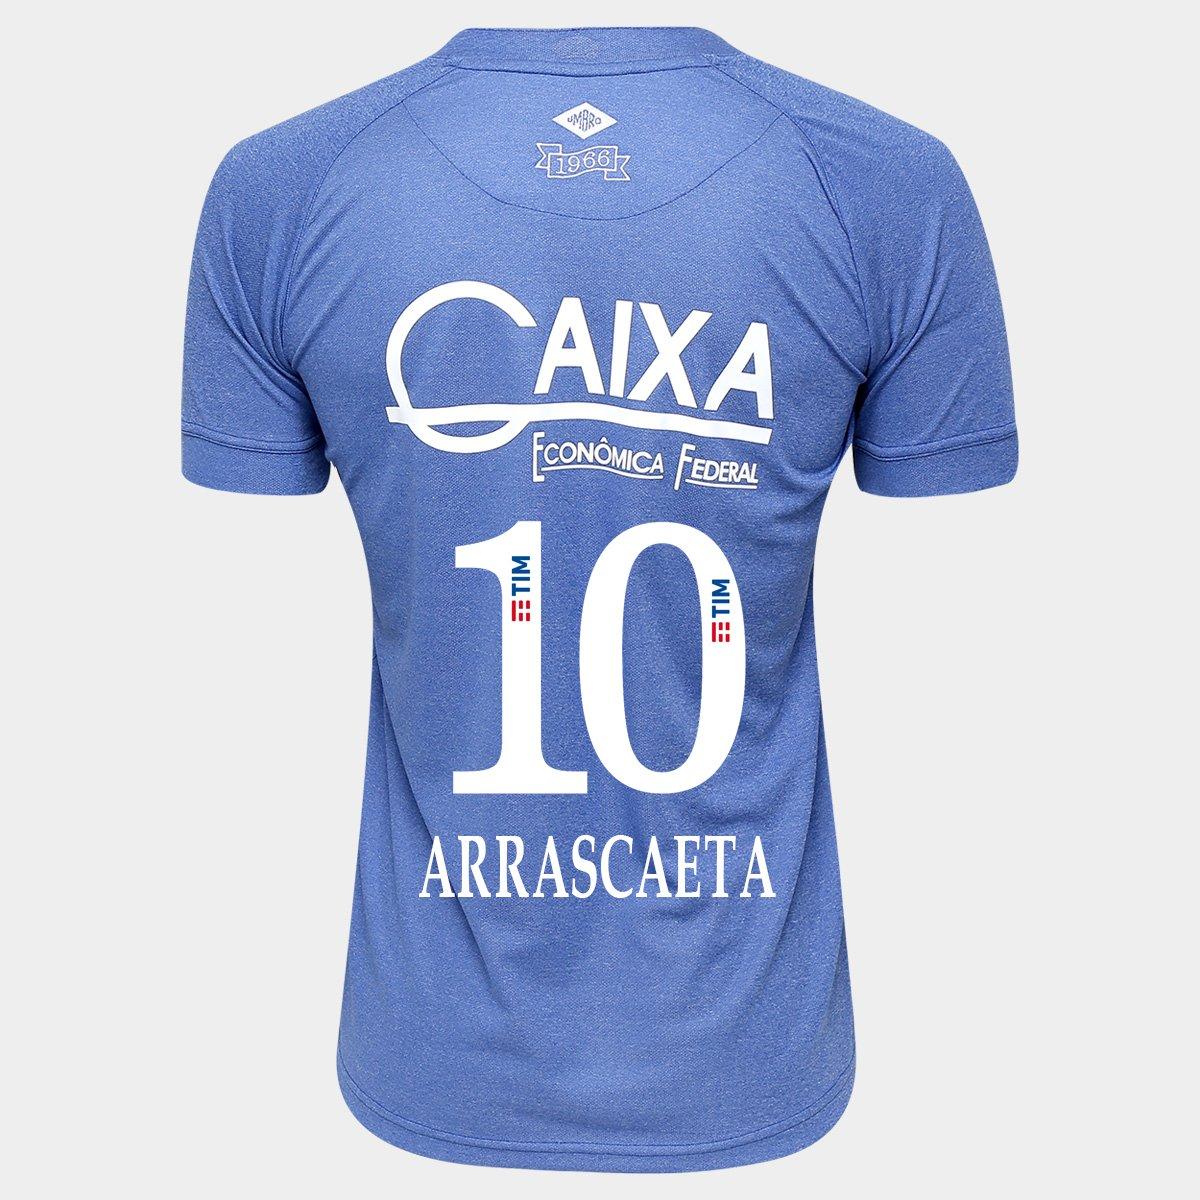 cf37b31561 Camisa Umbro Cruzeiro III 2016 nº 10 - Arrascaeta - Compre Agora ...